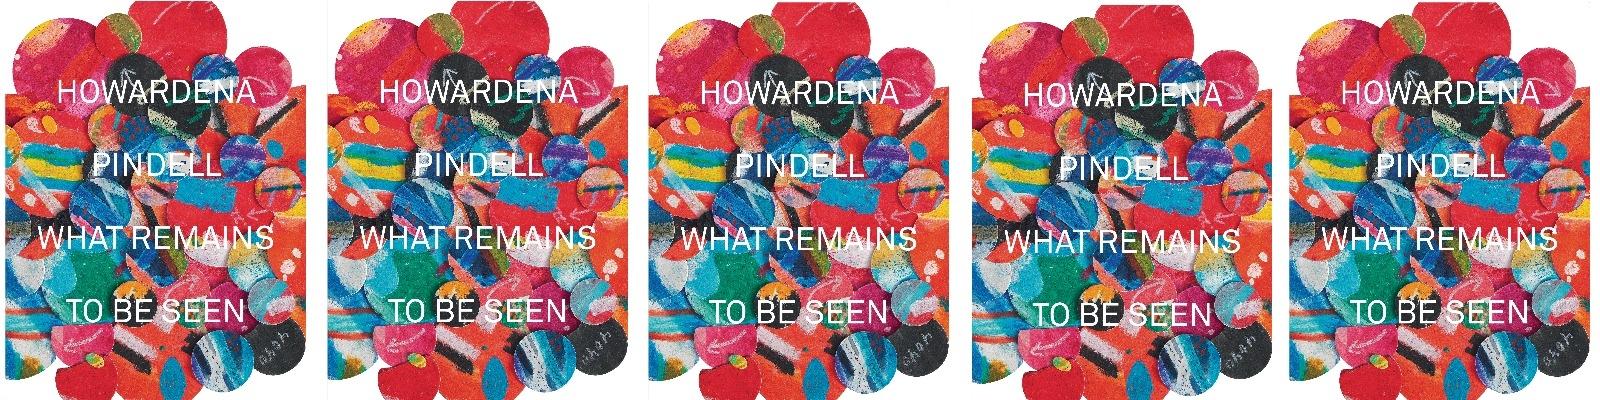 Howardena Pindell